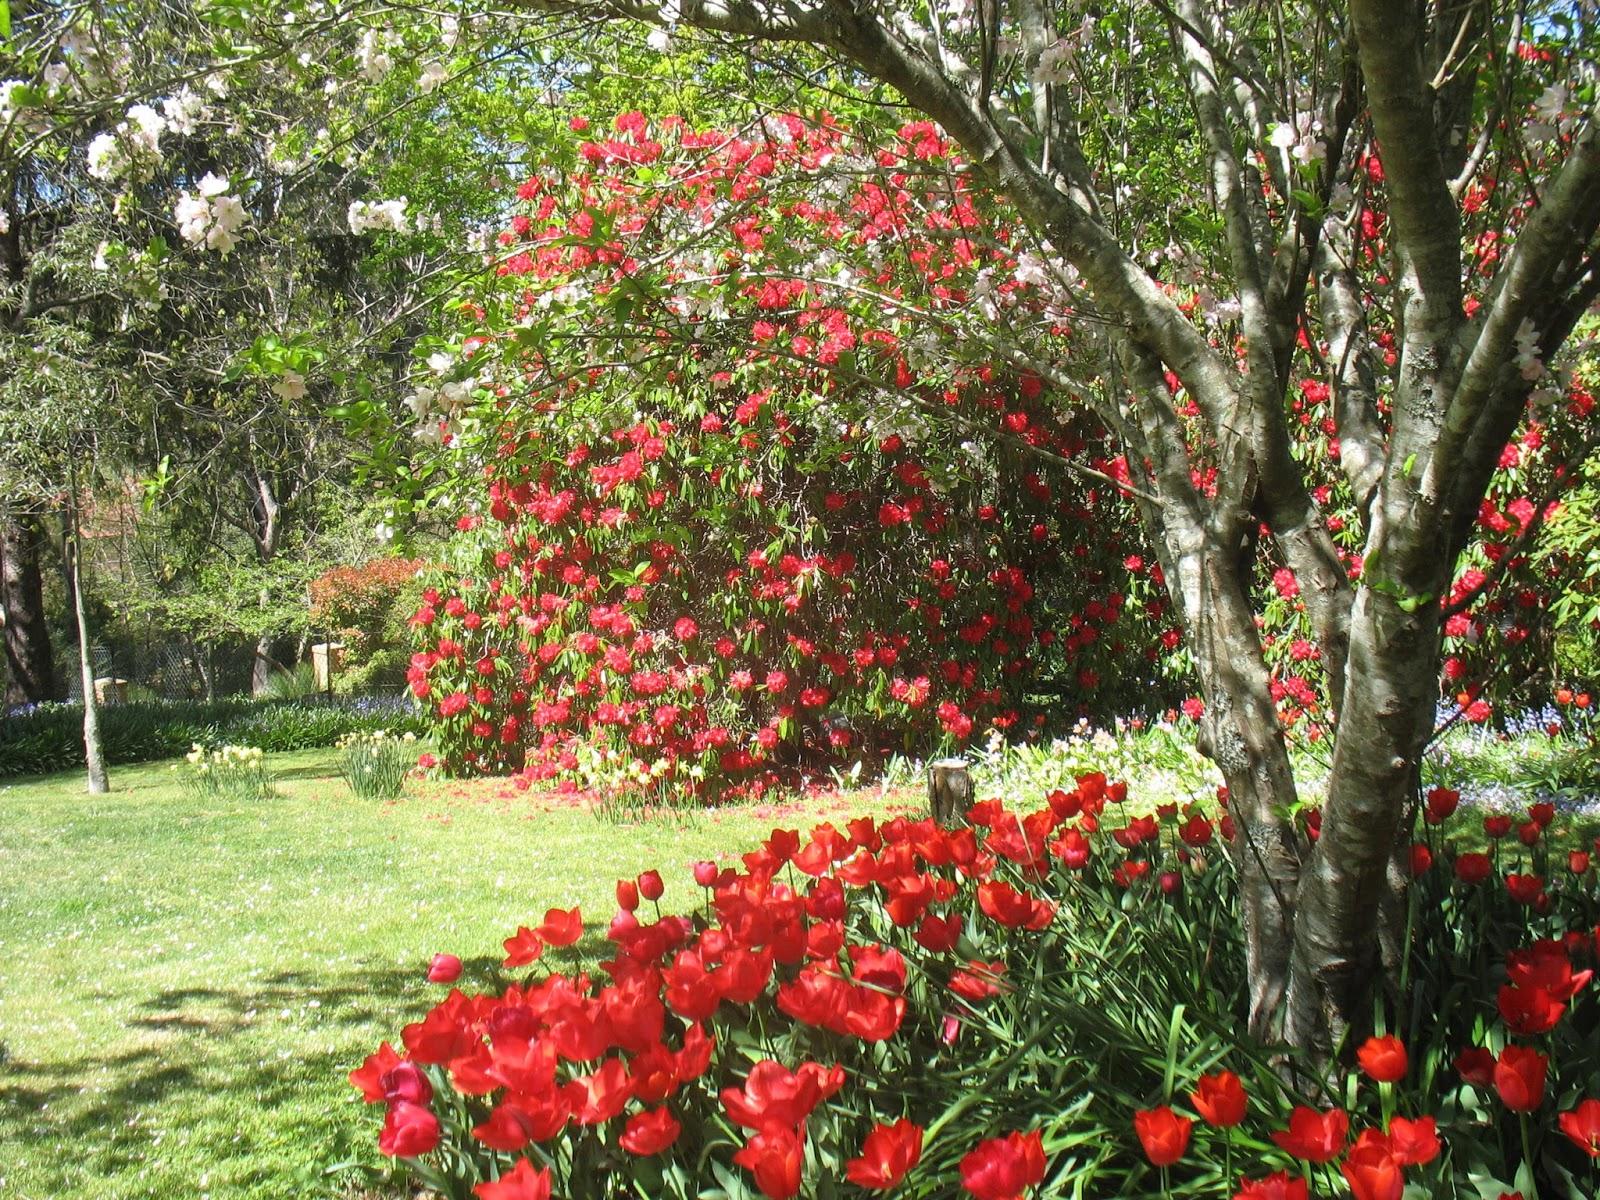 Beecroft and District Garden Club Inc.: RECENT CLUB ACTIVITIES